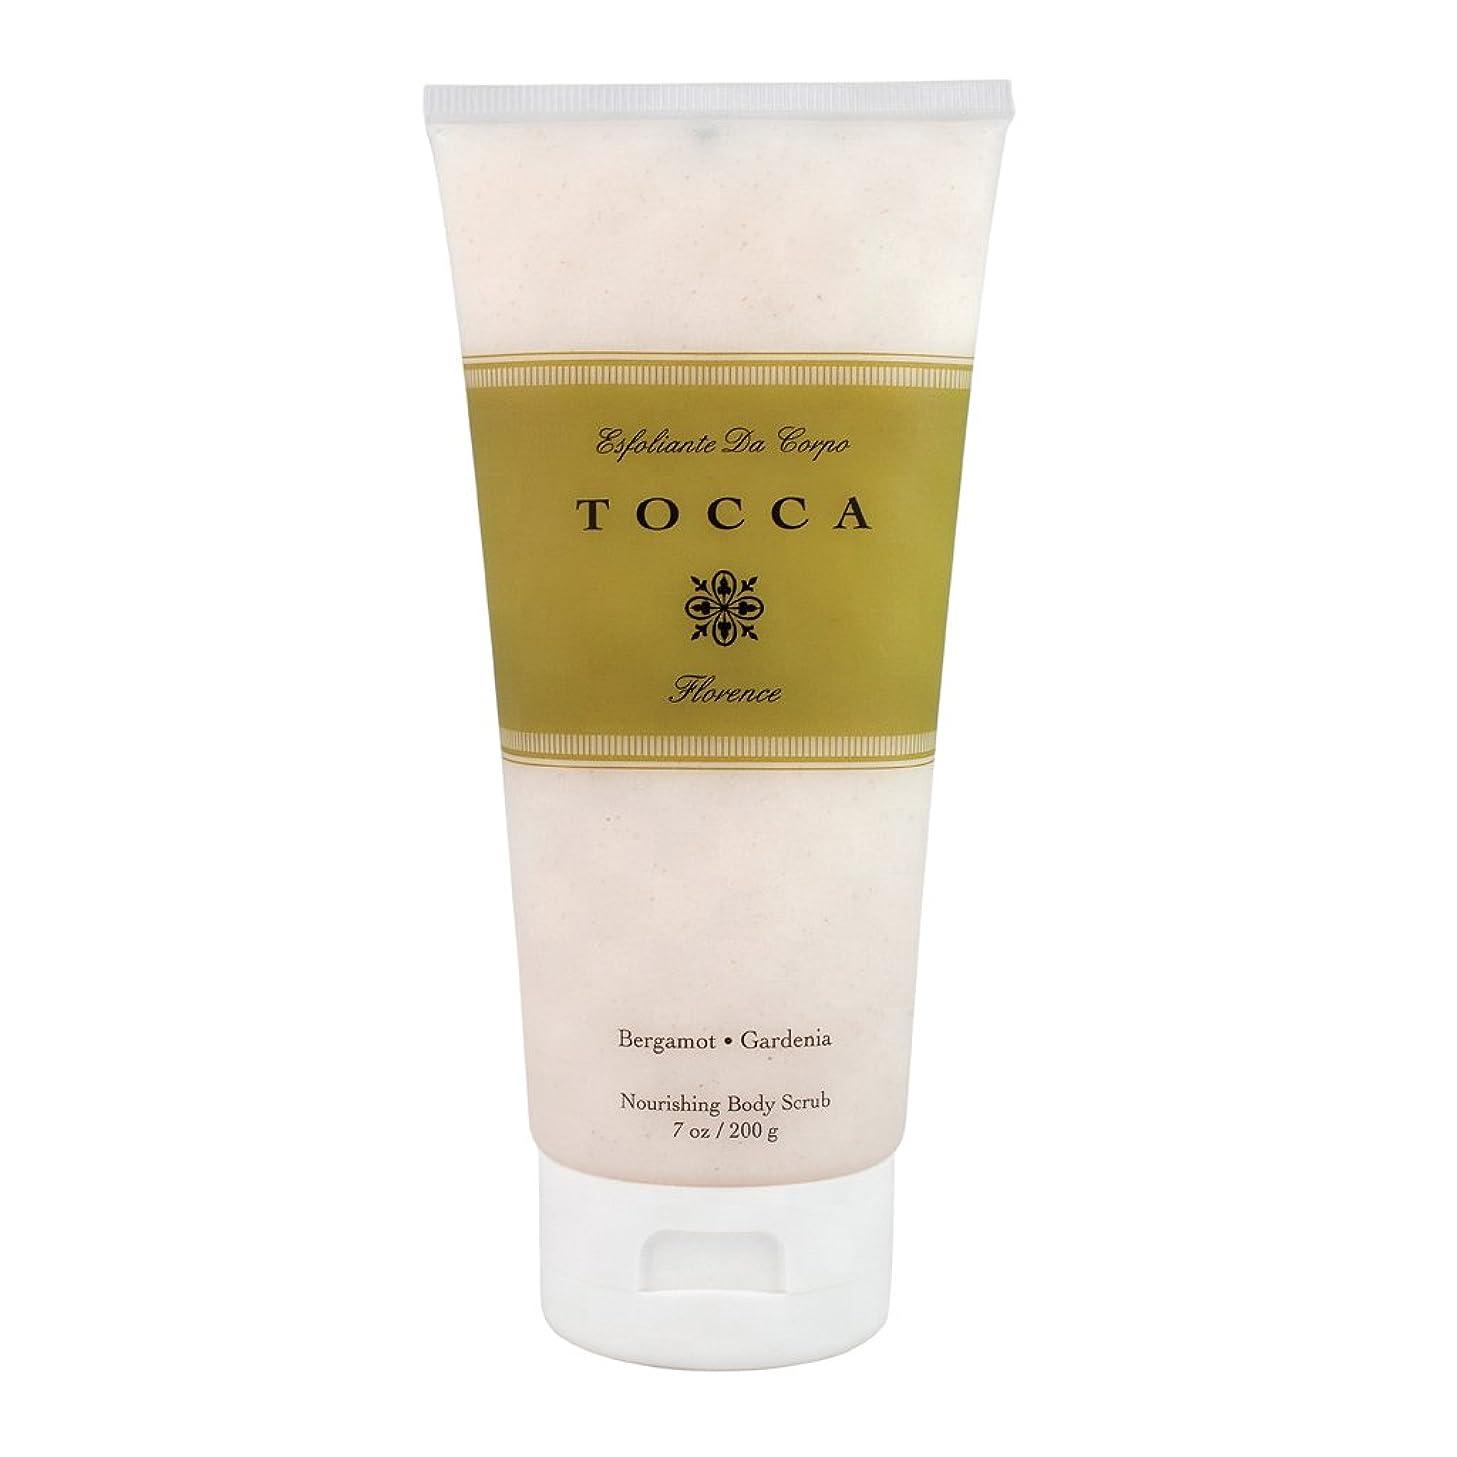 悲劇的なワット正確にトッカ(TOCCA) ボディーケアスクラブ フローレンスの香り 200ml(全身?ボディー用マッサージ料 ガーデニアとベルガモットが誘うように溶け合うどこまでも上品なフローラルの香り)